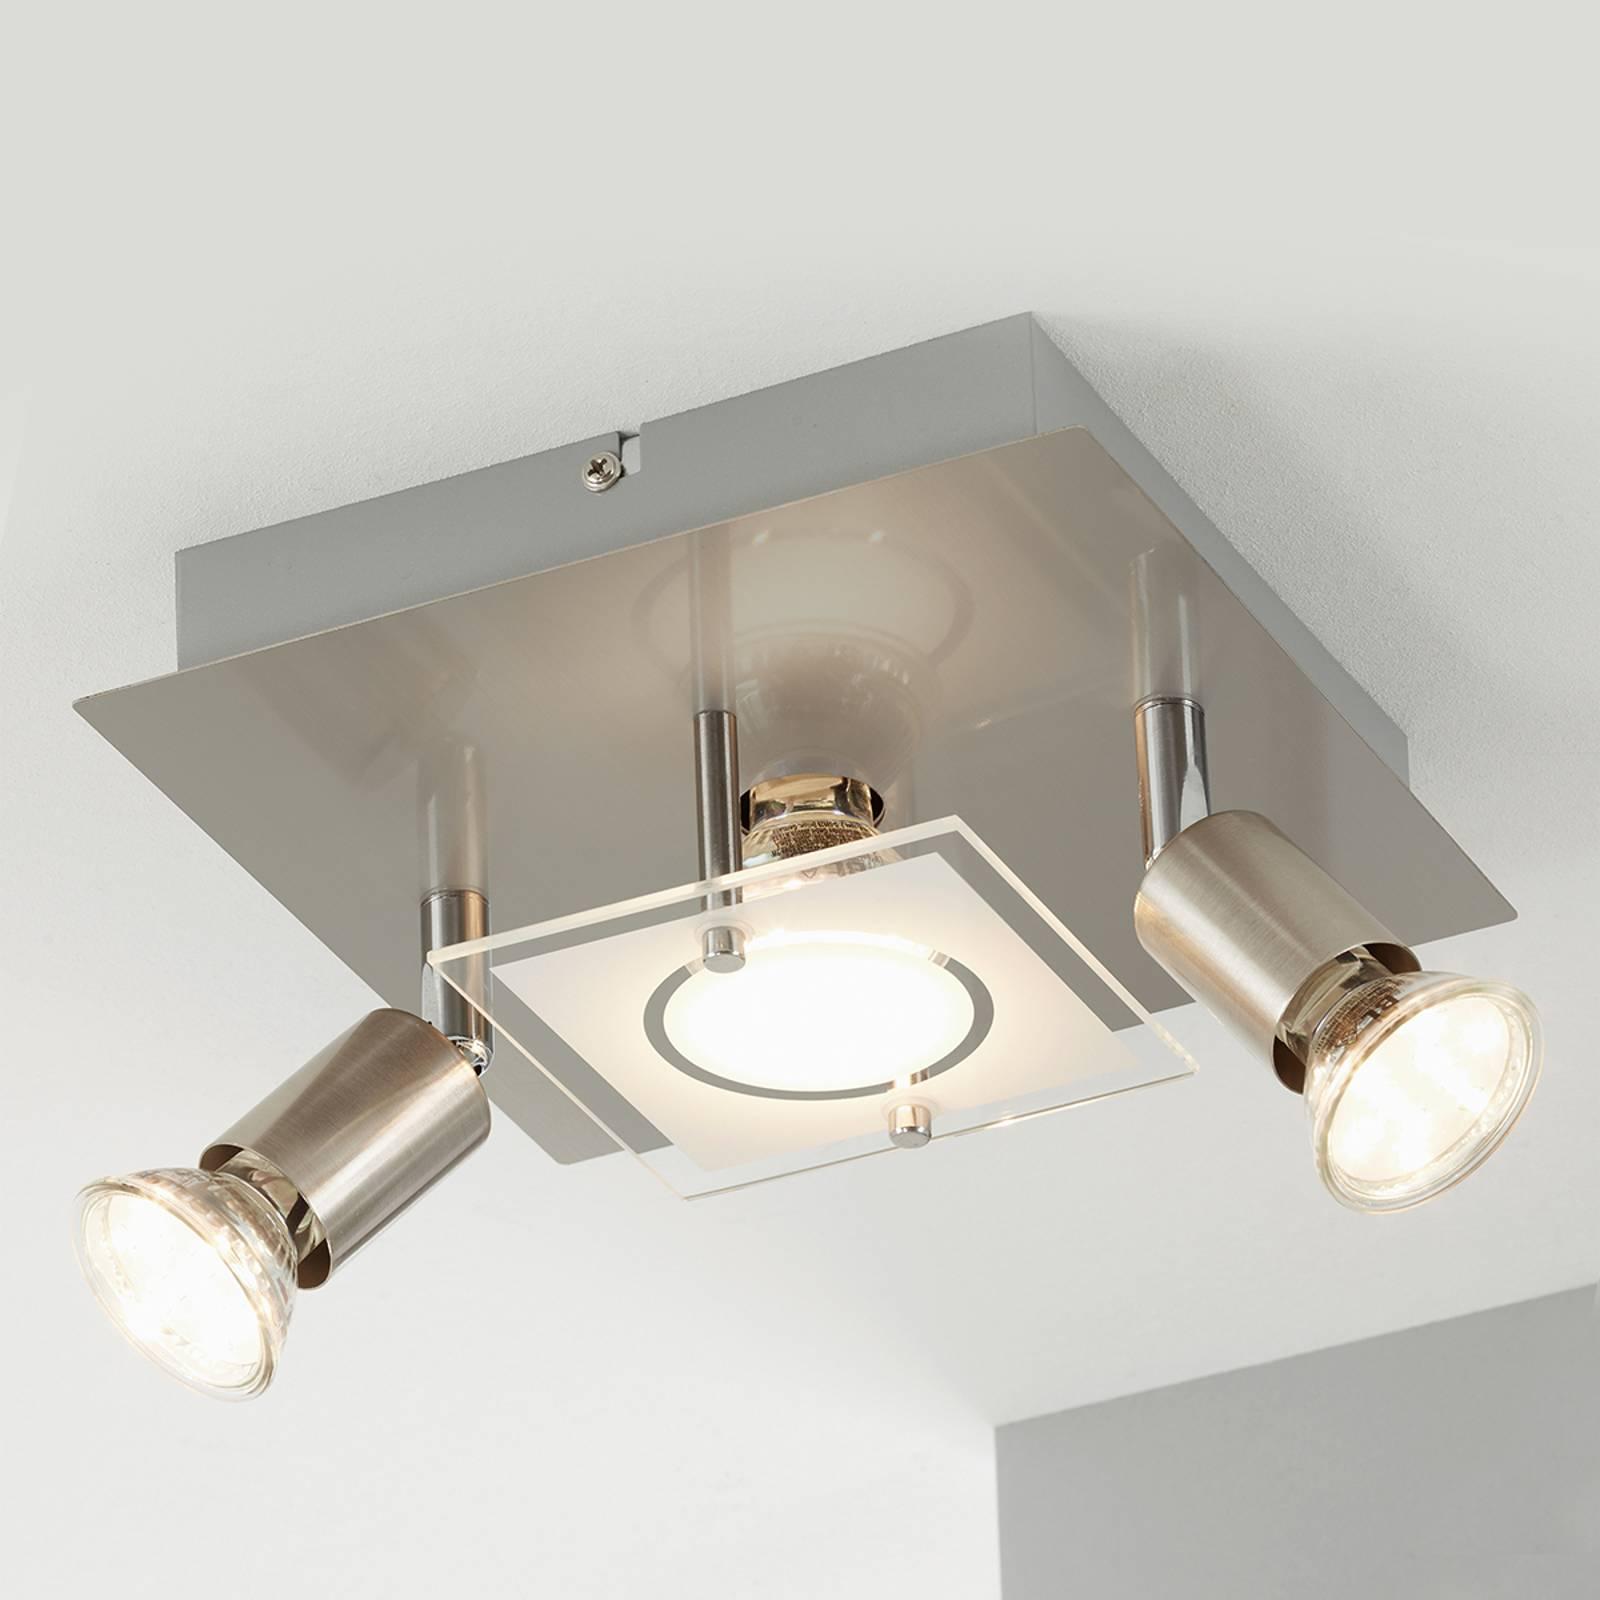 Mat vernikkelde LED plafondlamp Start - 3-lamps